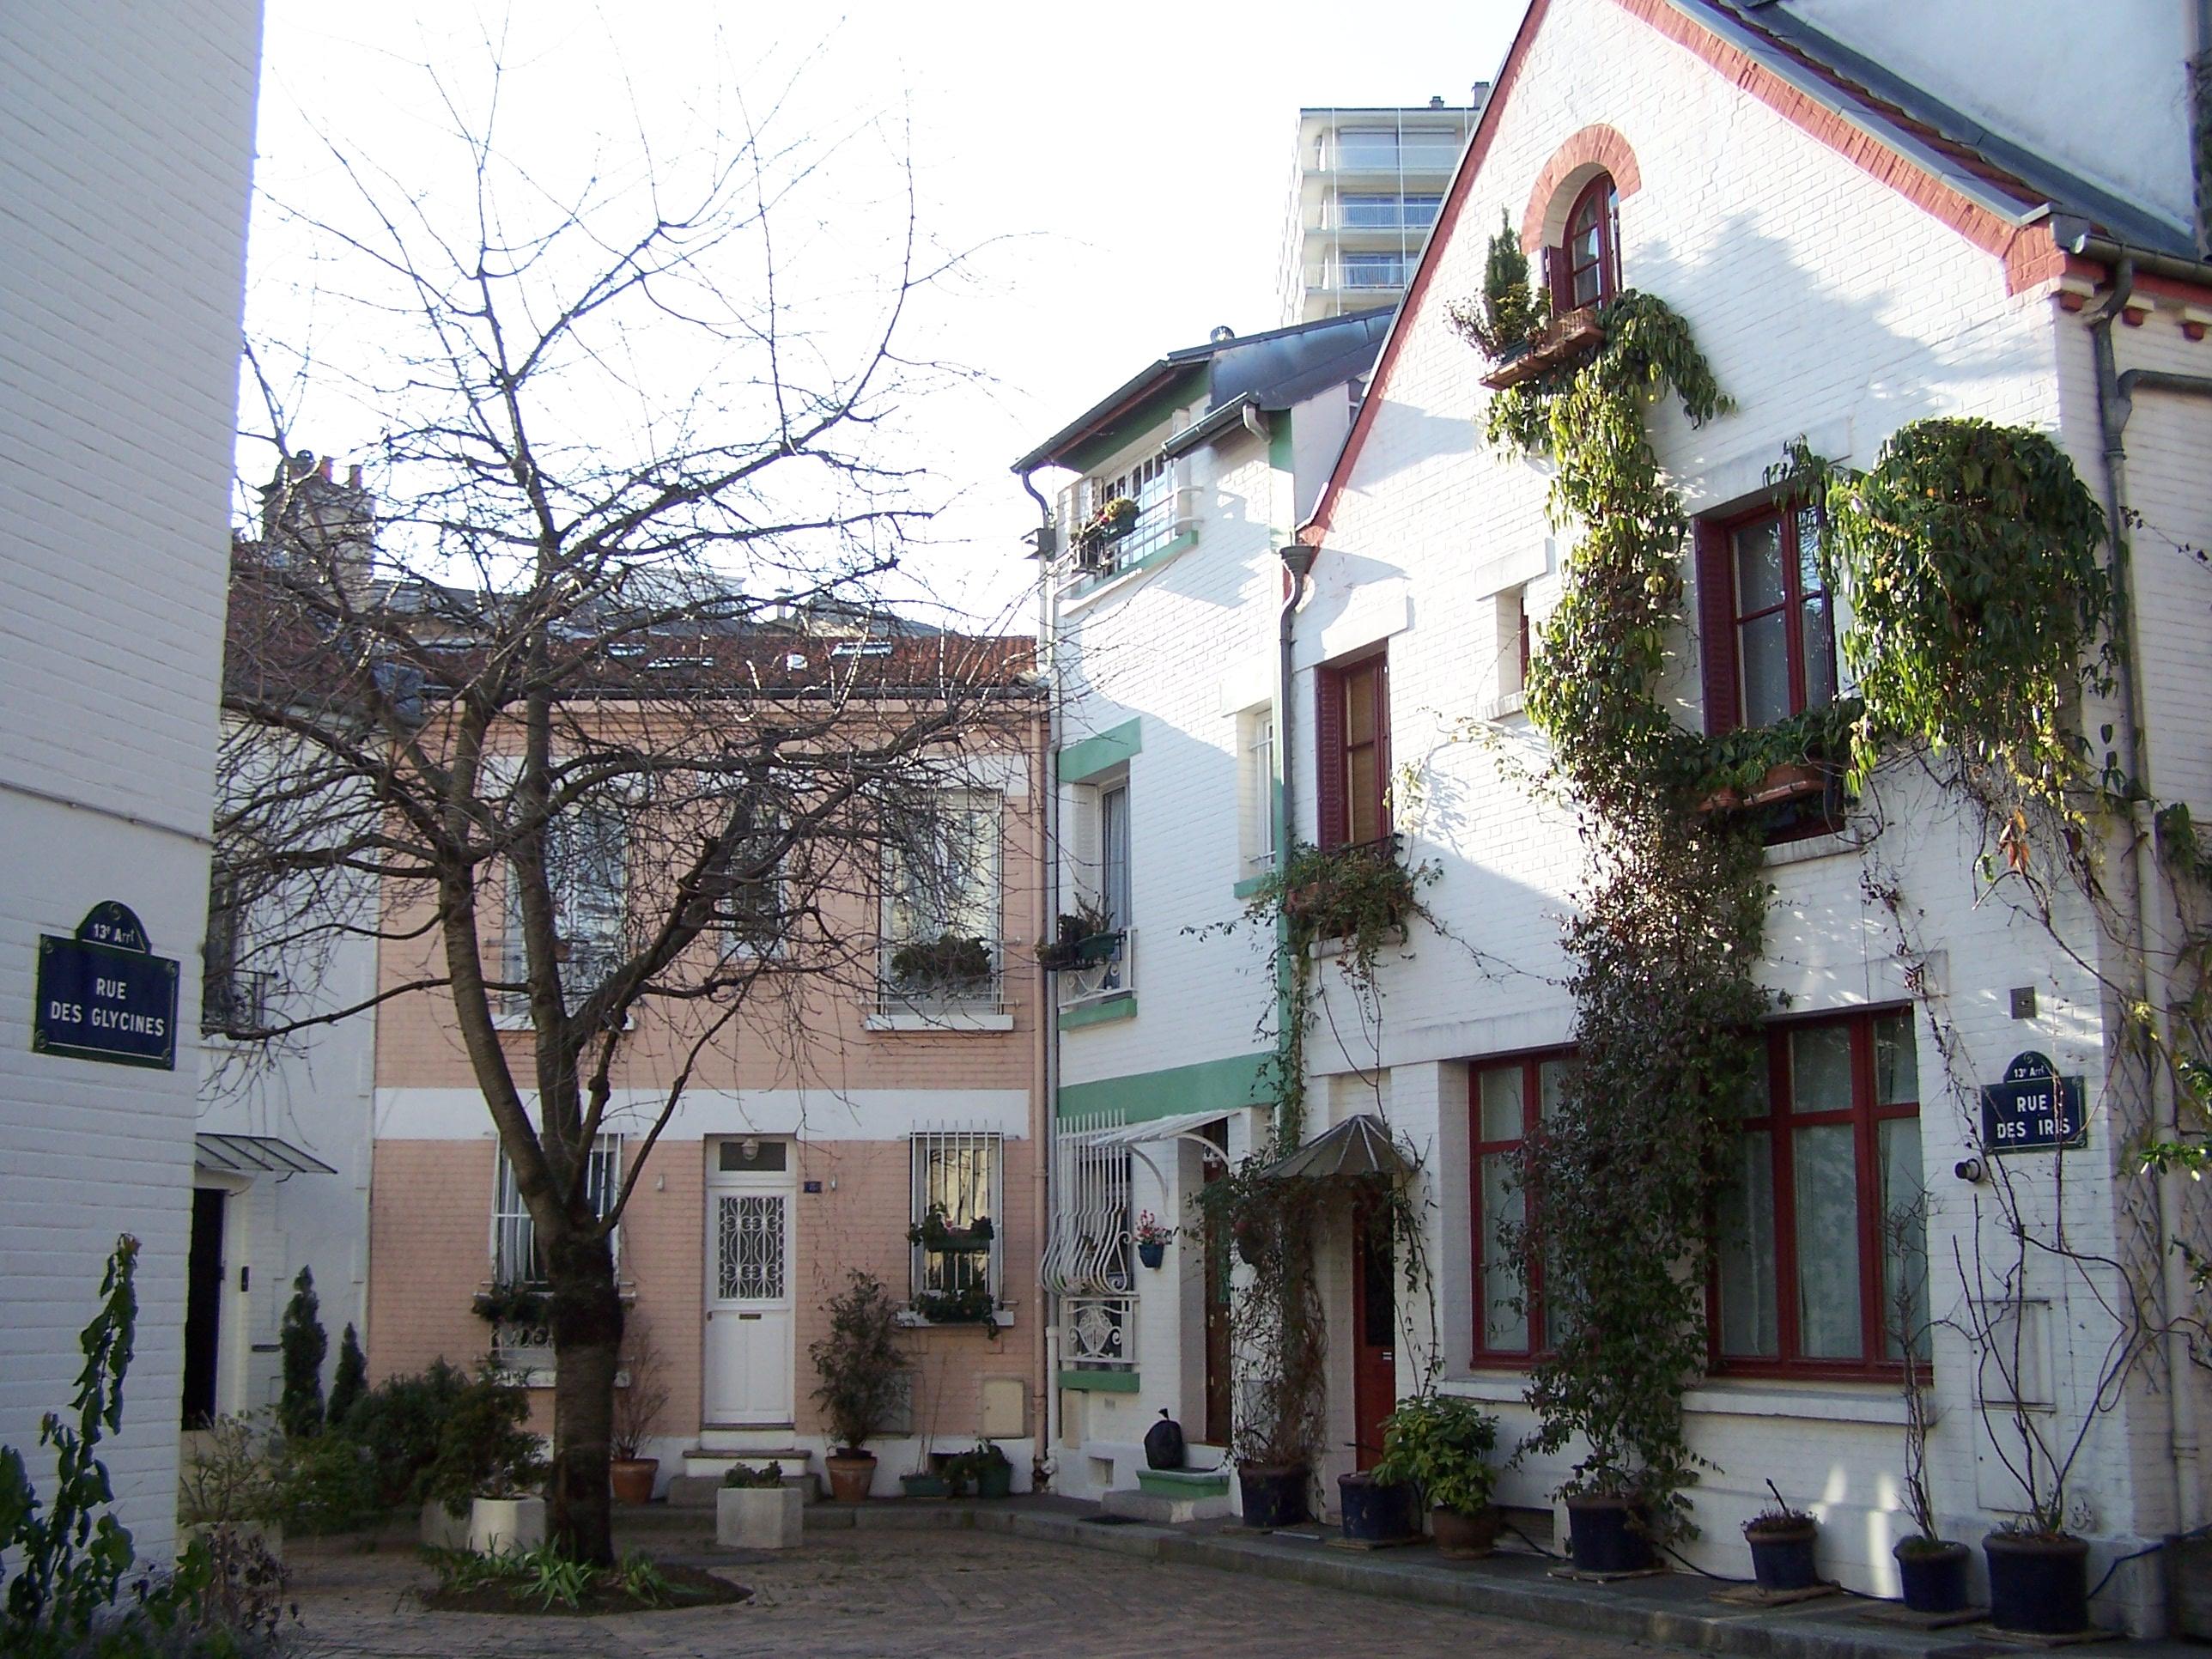 sauvegarde des quartiers - le blog de paris historique